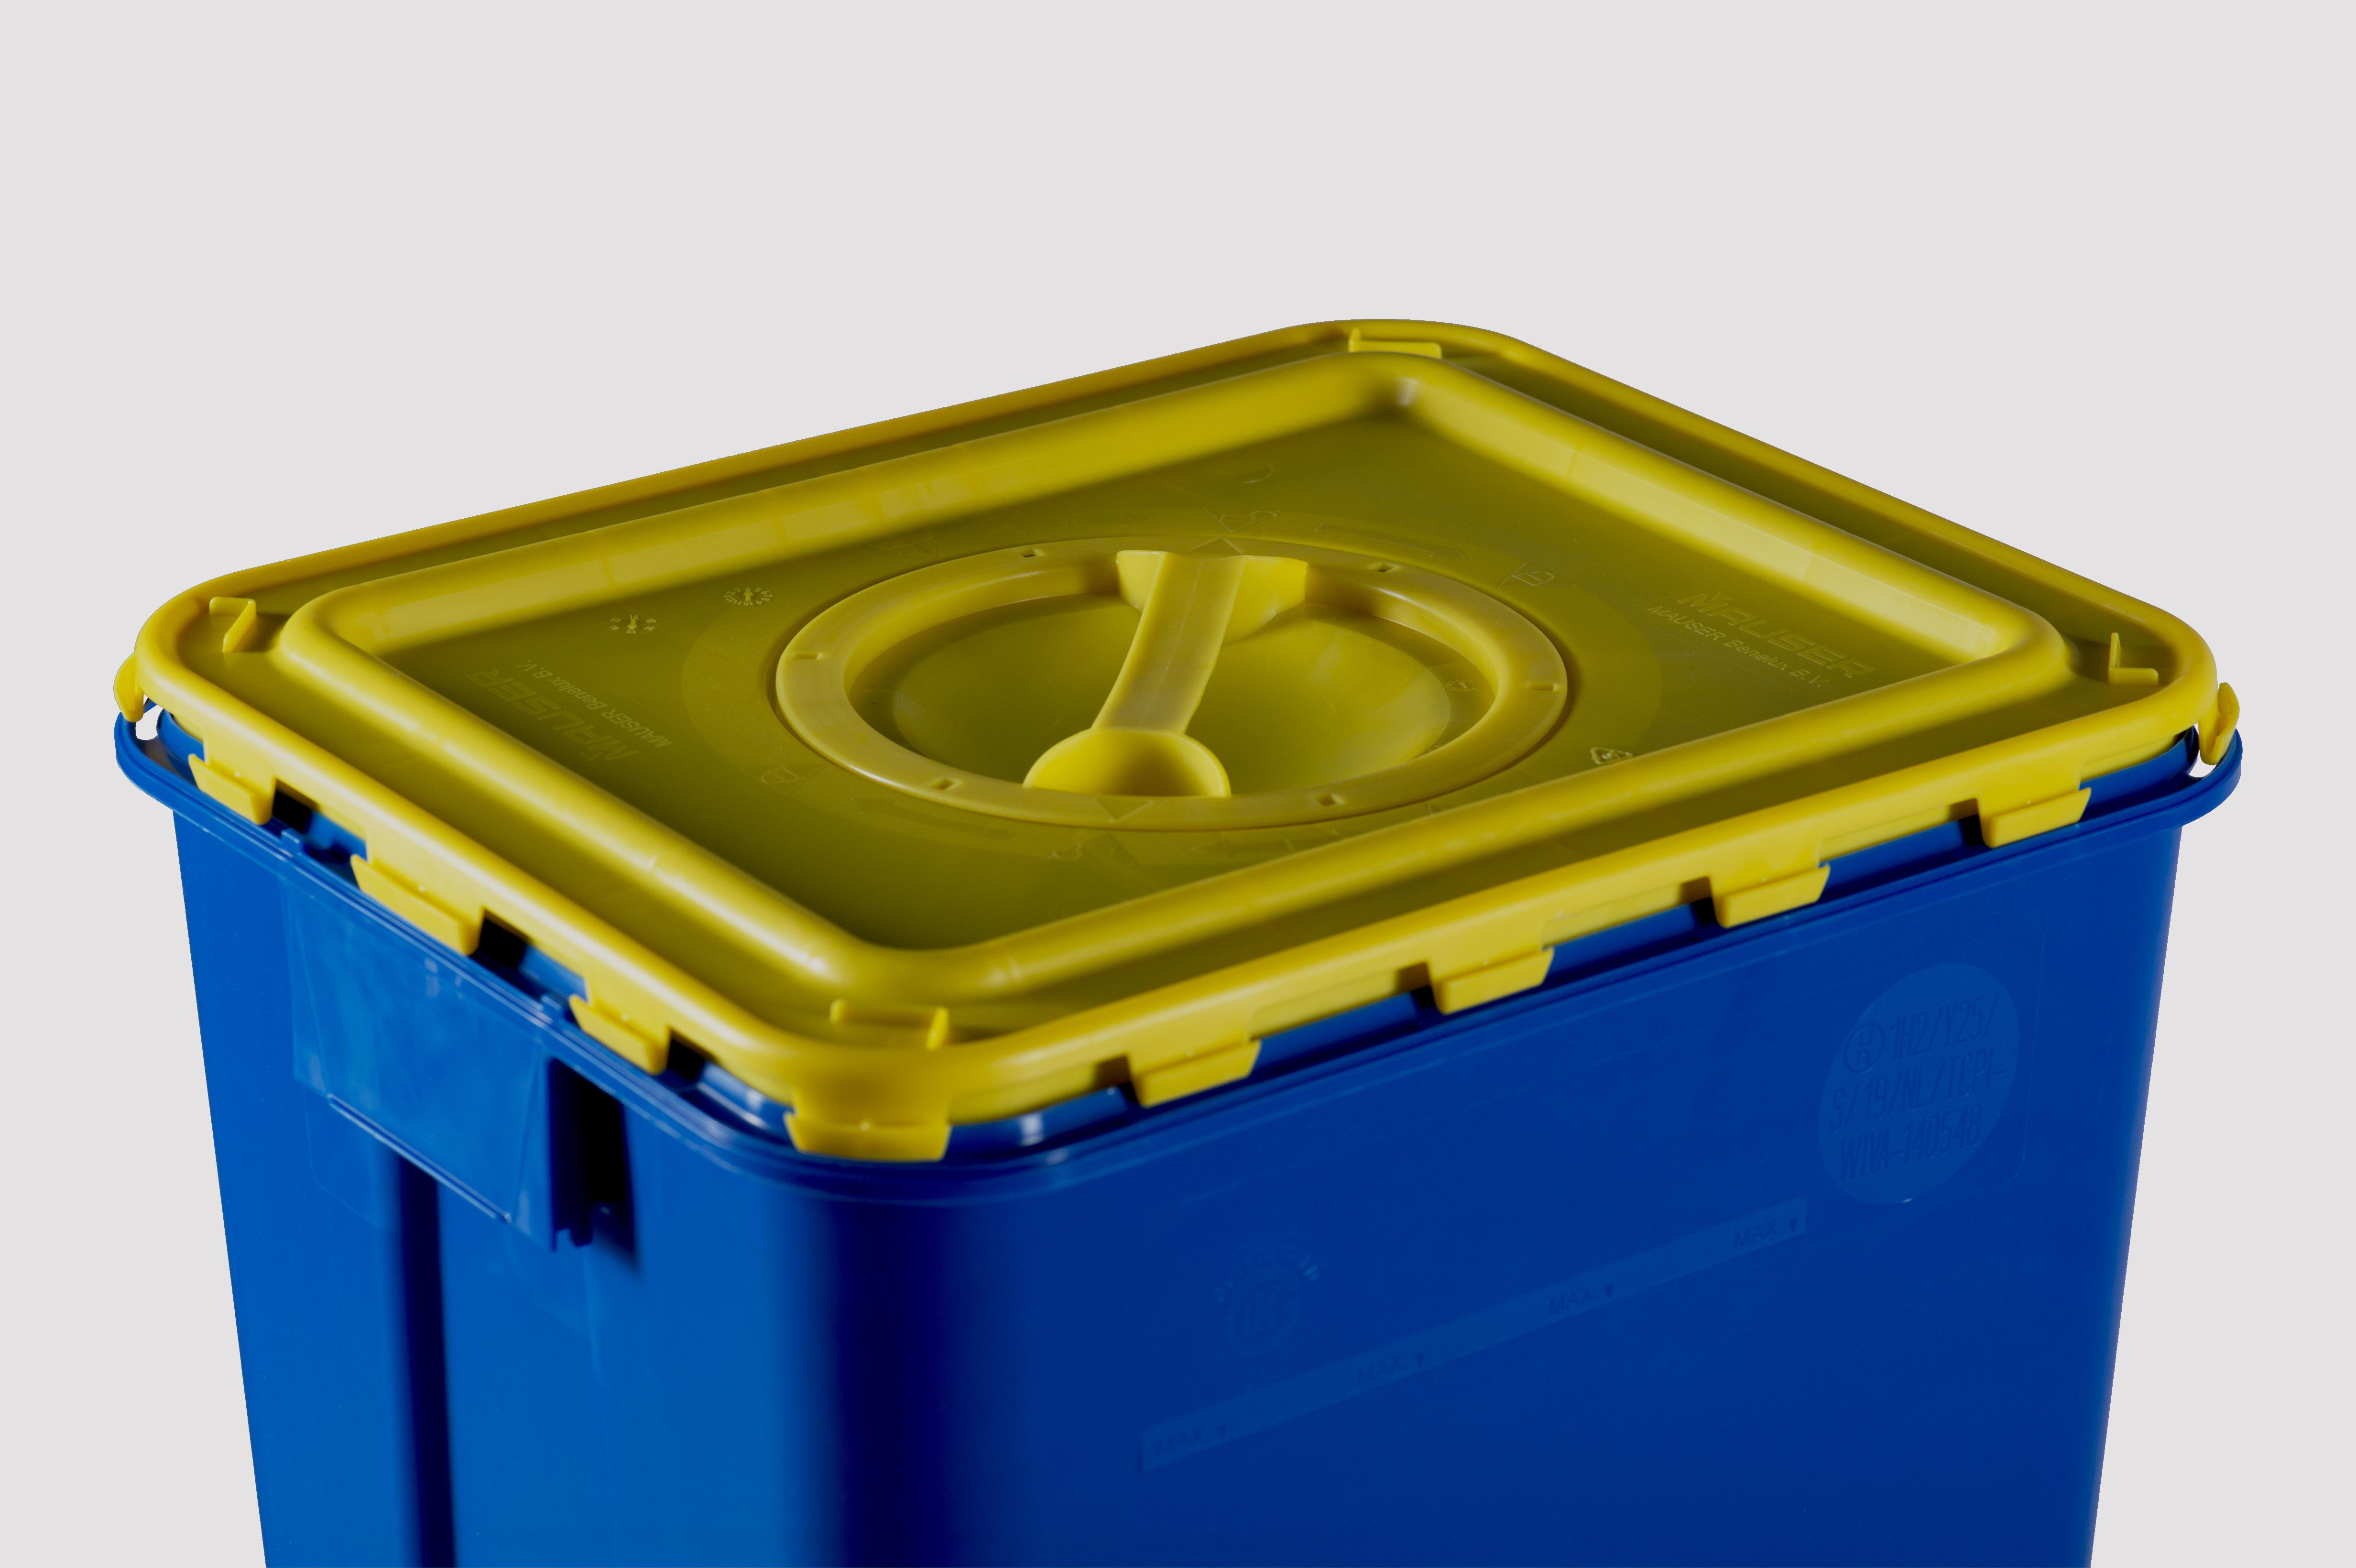 Acebox_fut_DASRI_60L-Bleu_GPcouvercle-jaune